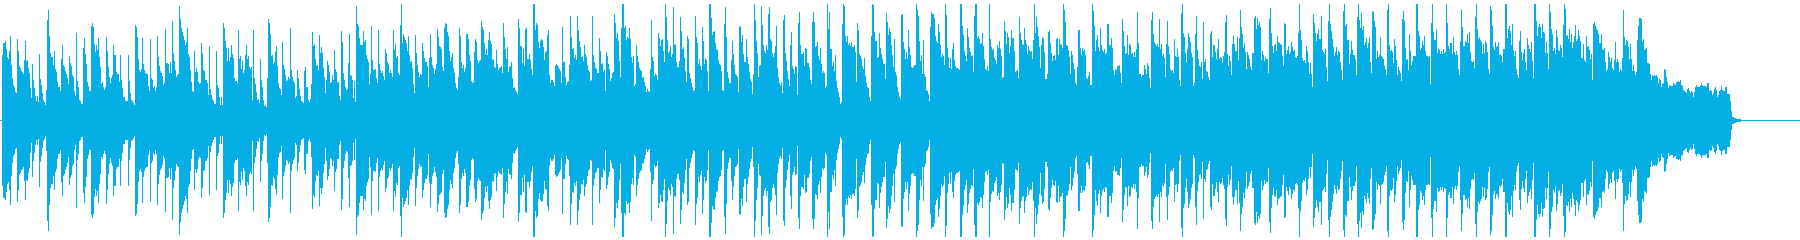 メルヘンチックでキラキラしたリコーダー曲の再生済みの波形